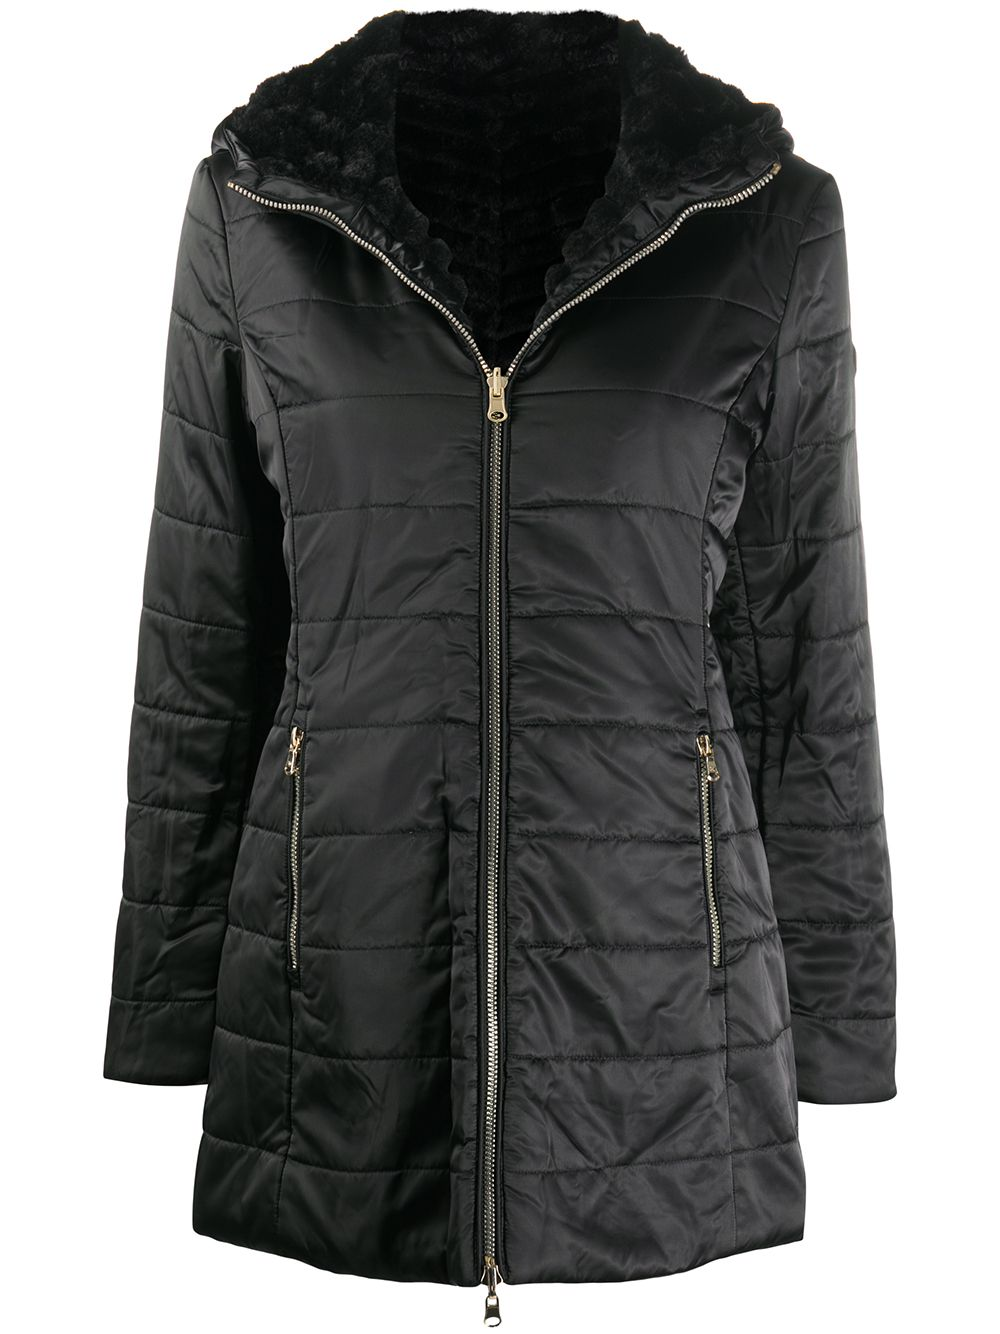 Caban Jacket